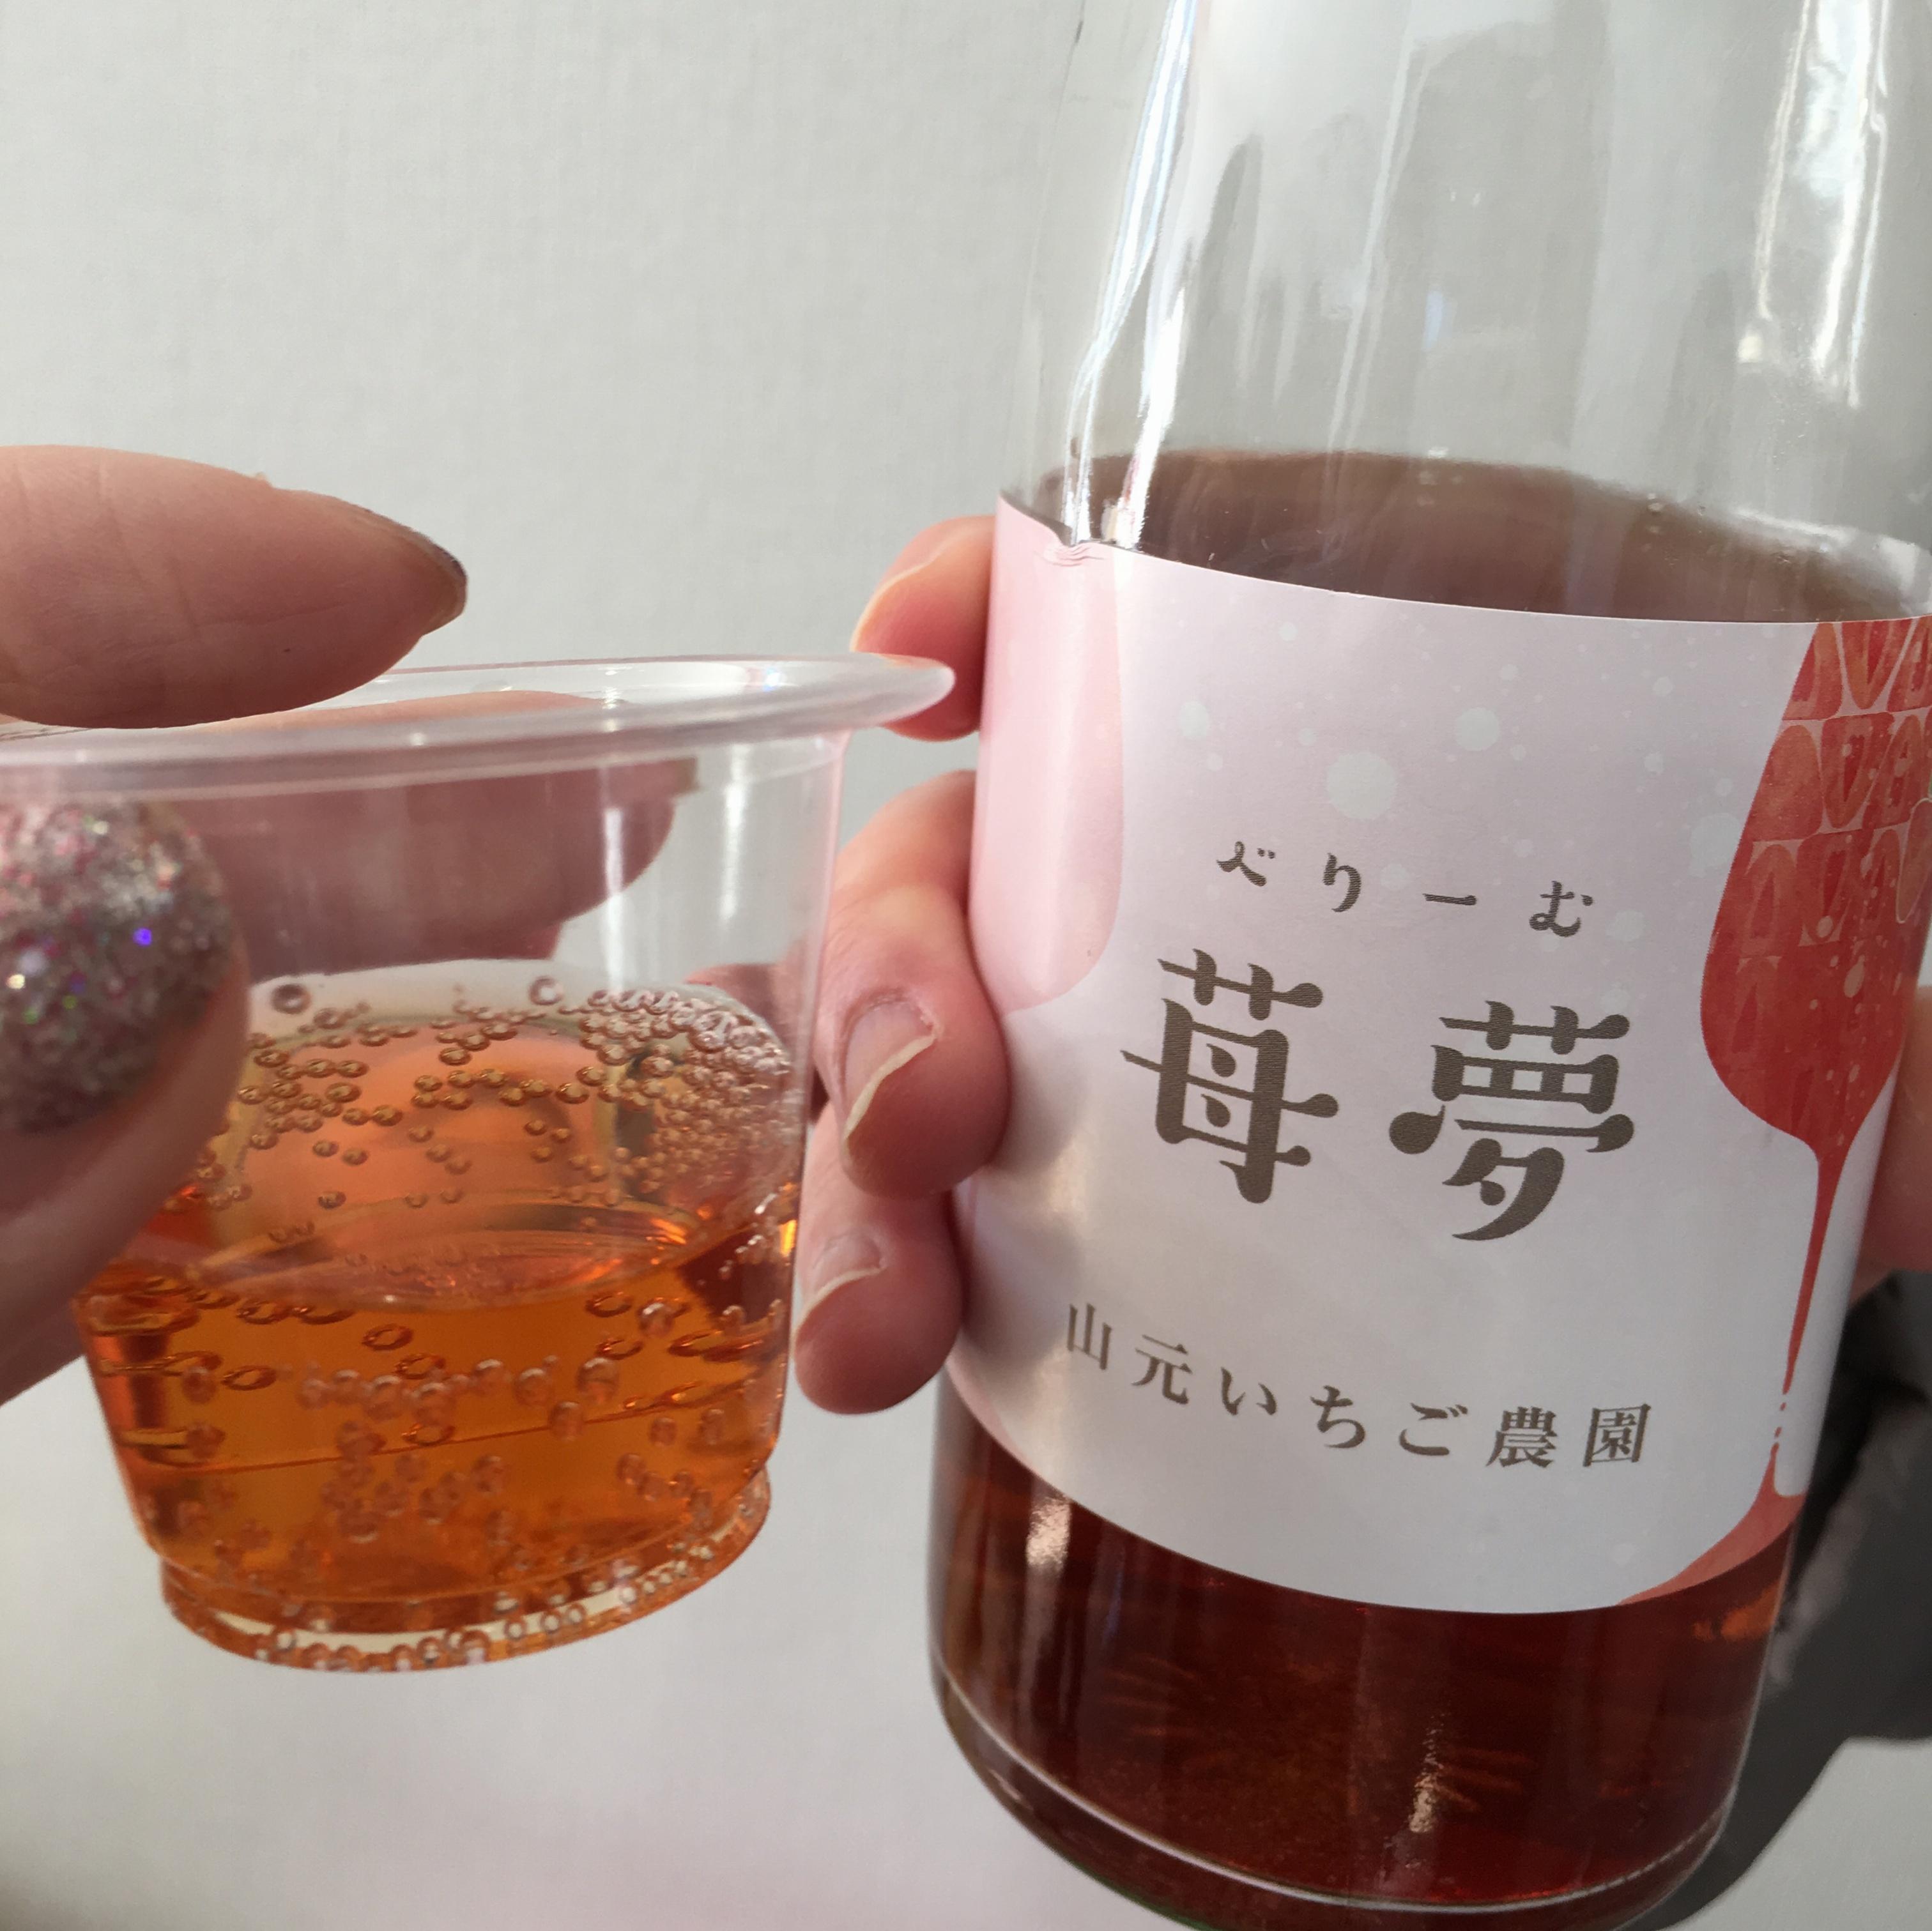 みやぎで作っている【国産ワイン】が可愛い♡_7